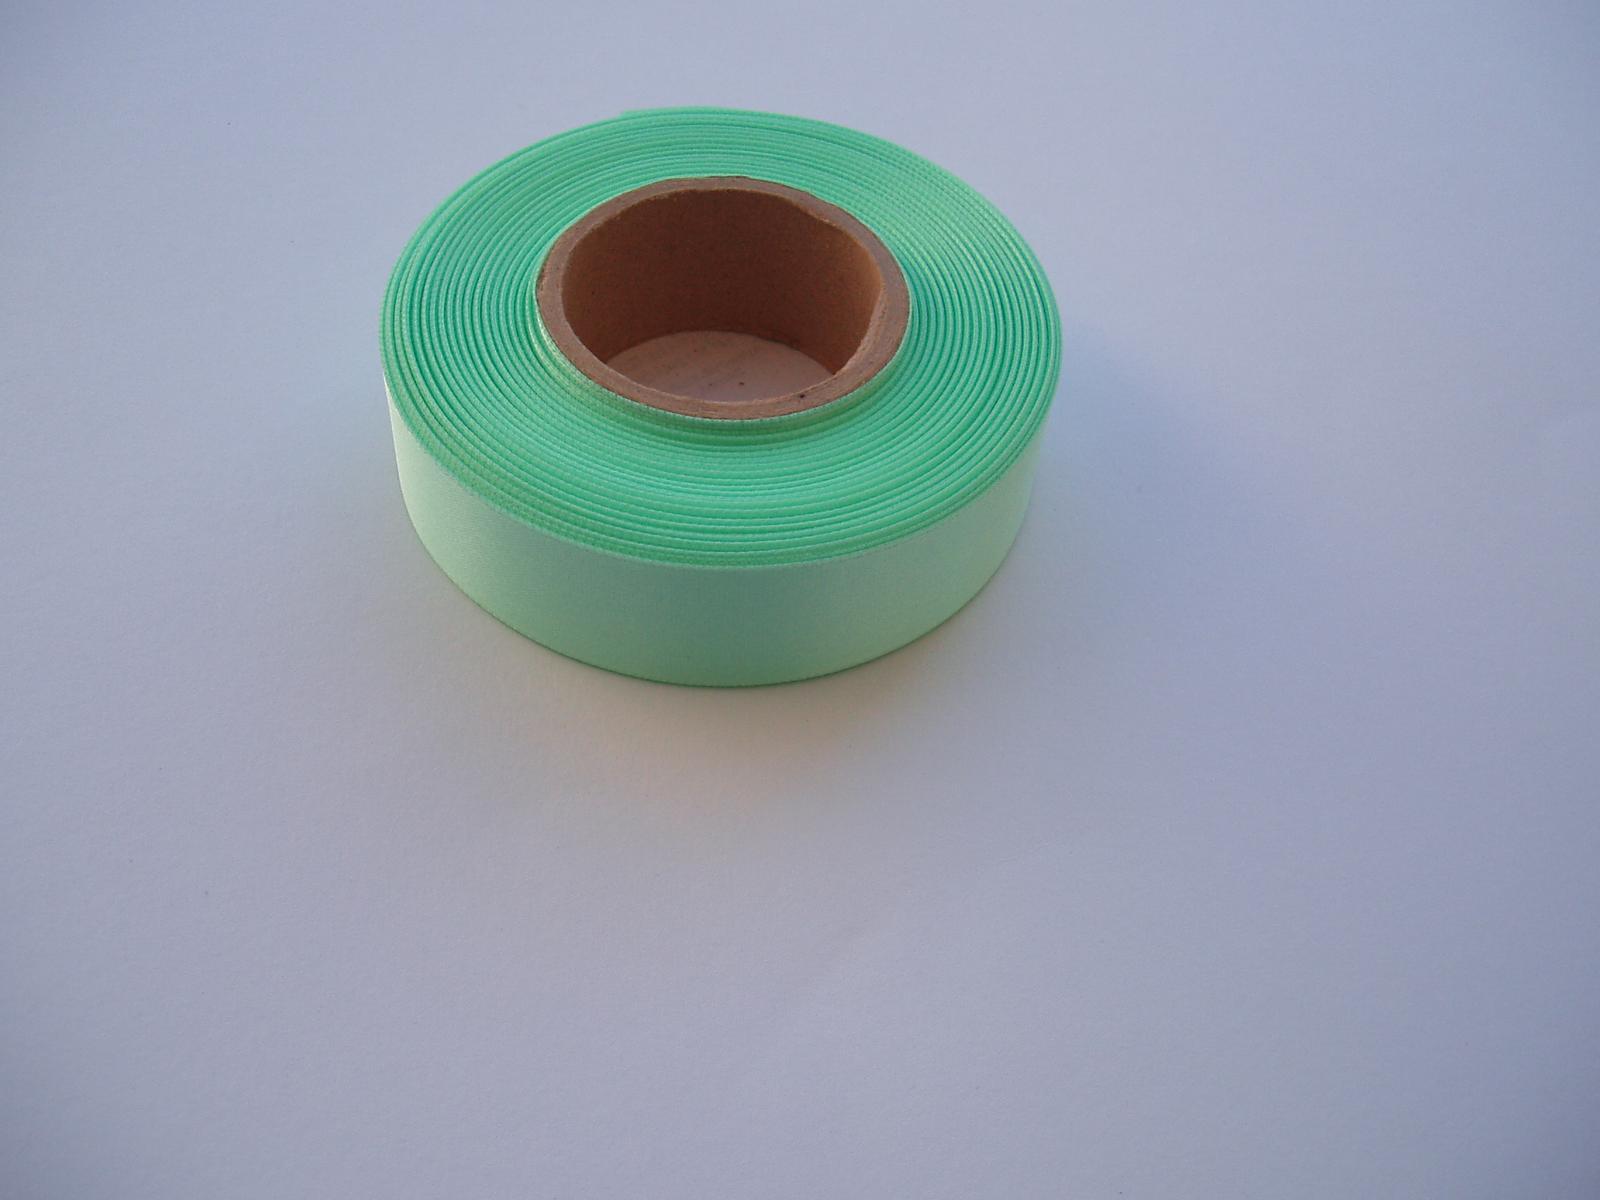 saténová stuha-zelená - Obrázek č. 1